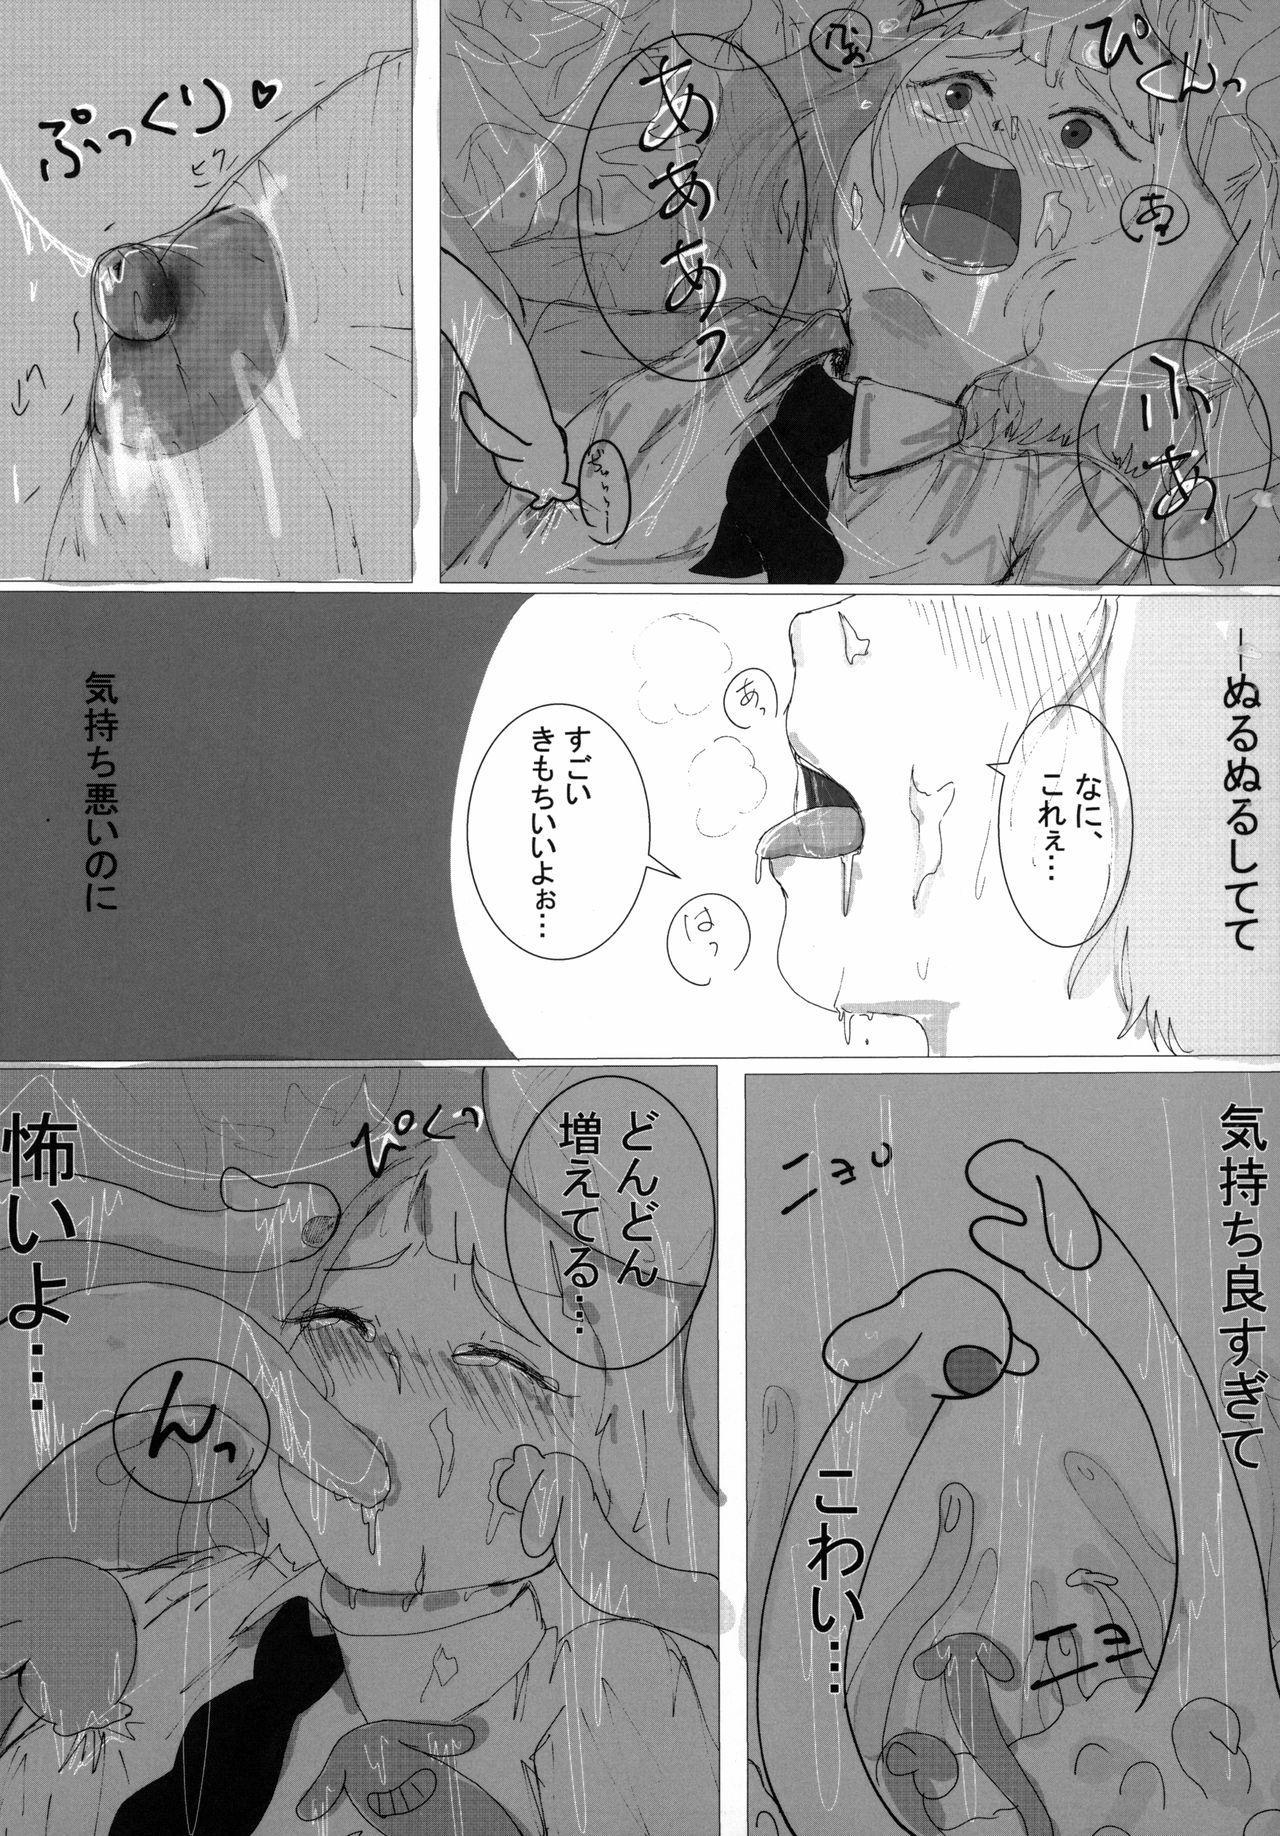 Uchuujin x Kyojo / Size-sa Goudoushi Reiwagou 127